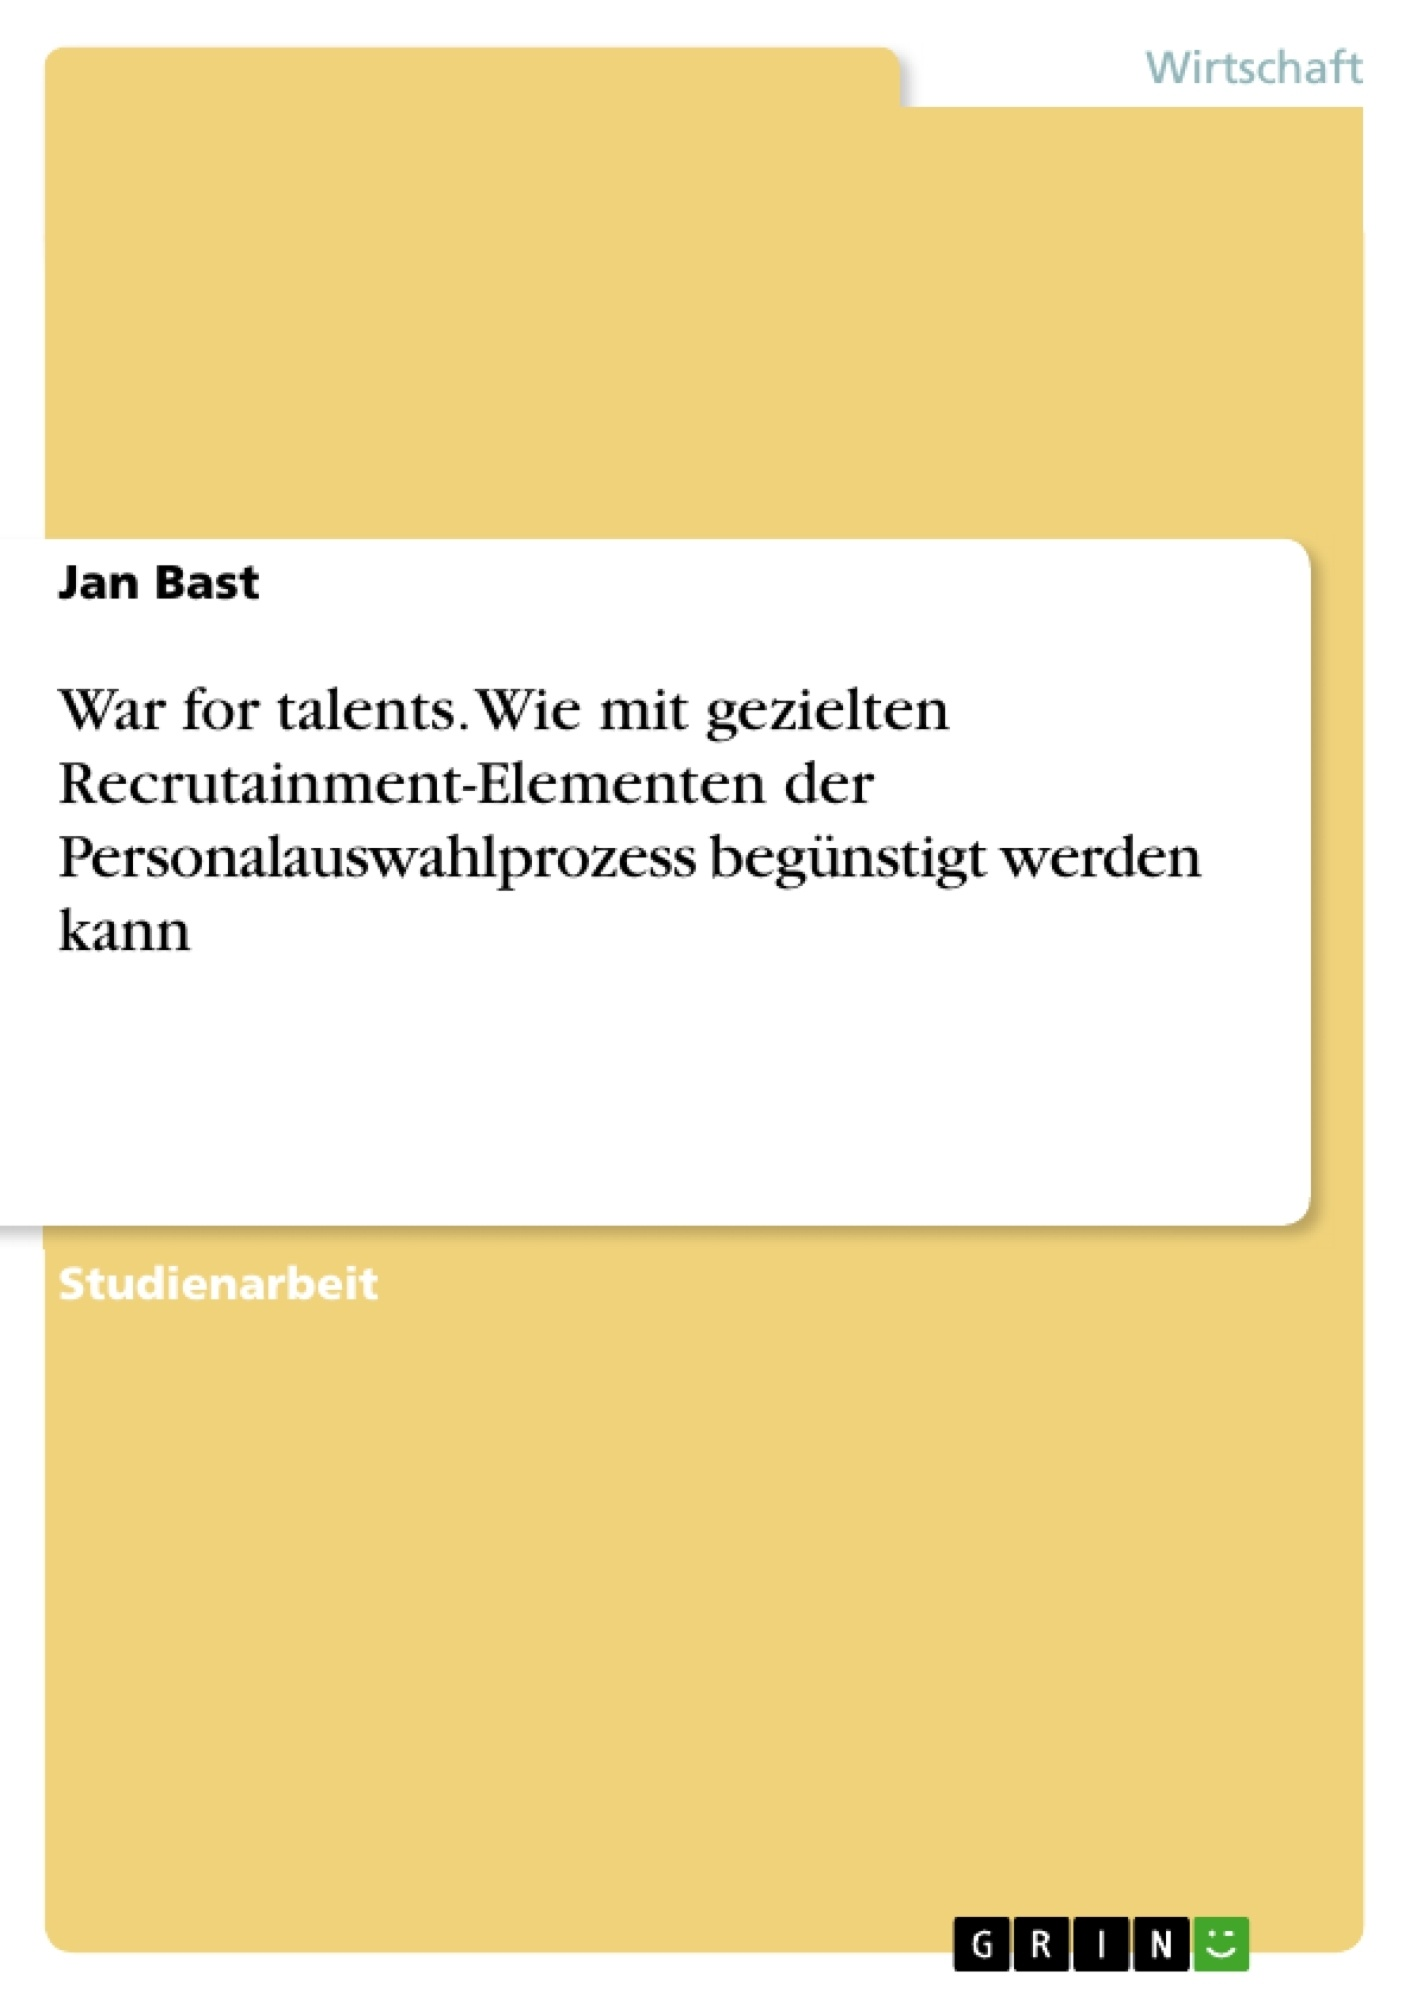 Titel: War for talents. Wie mit gezielten Recrutainment-Elementen der Personalauswahlprozess begünstigt werden kann